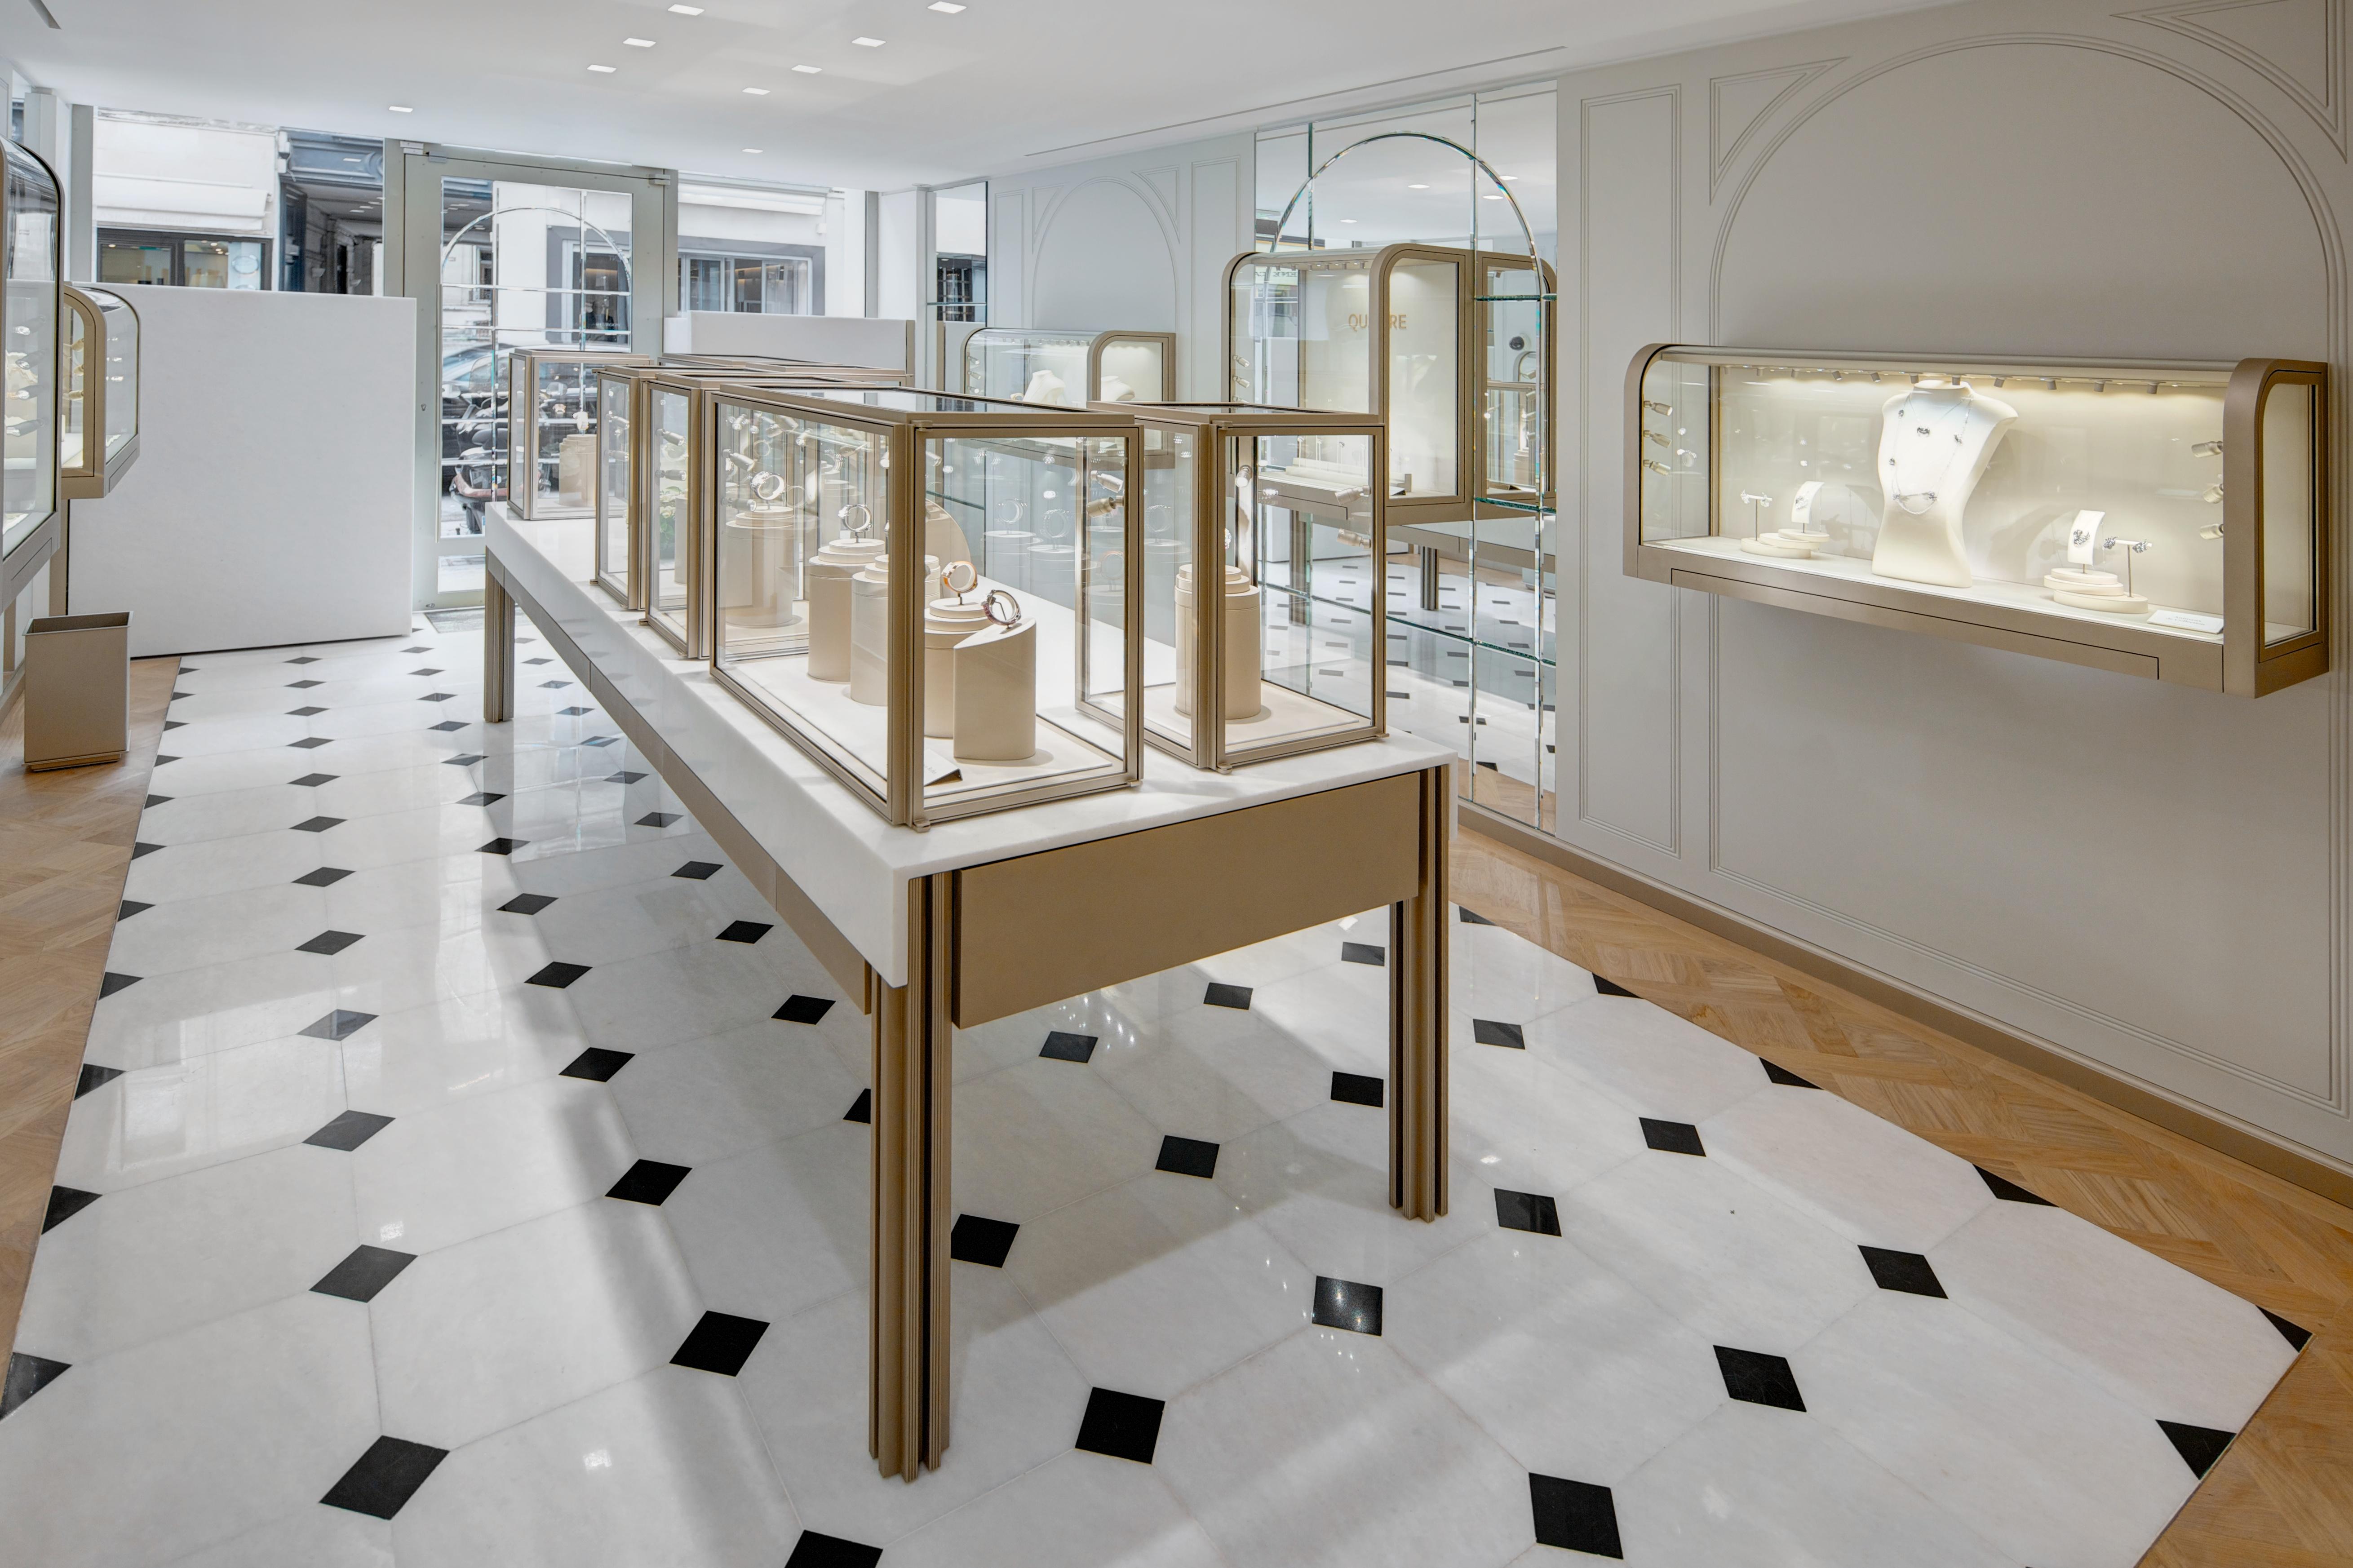 ameliemorinbernat.com retail bijouterie salon table tapis sol marbre parquet versailles